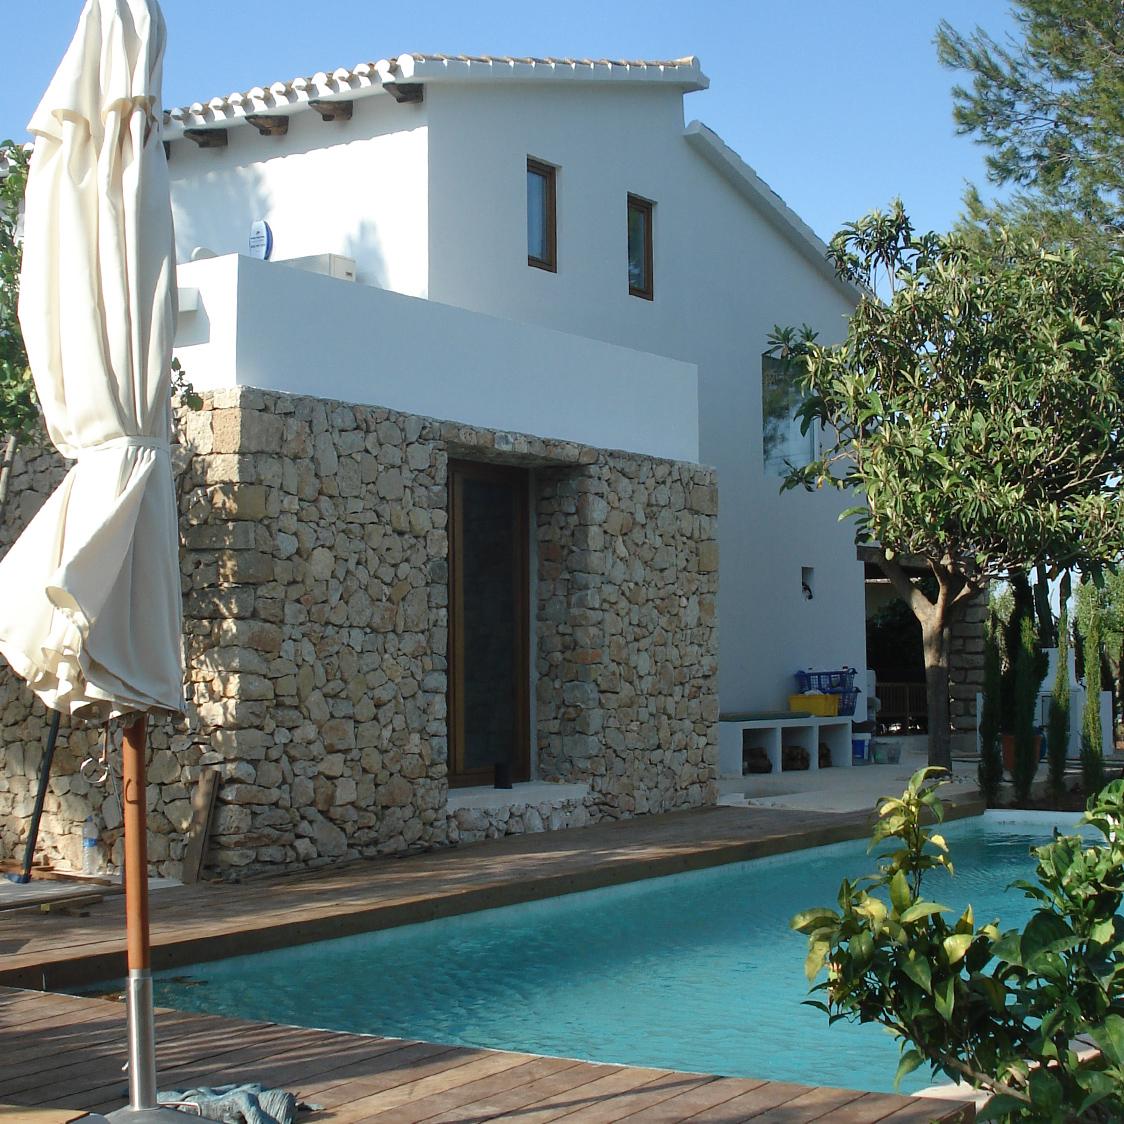 Traditionelles Landhaus im mediterranen Stil